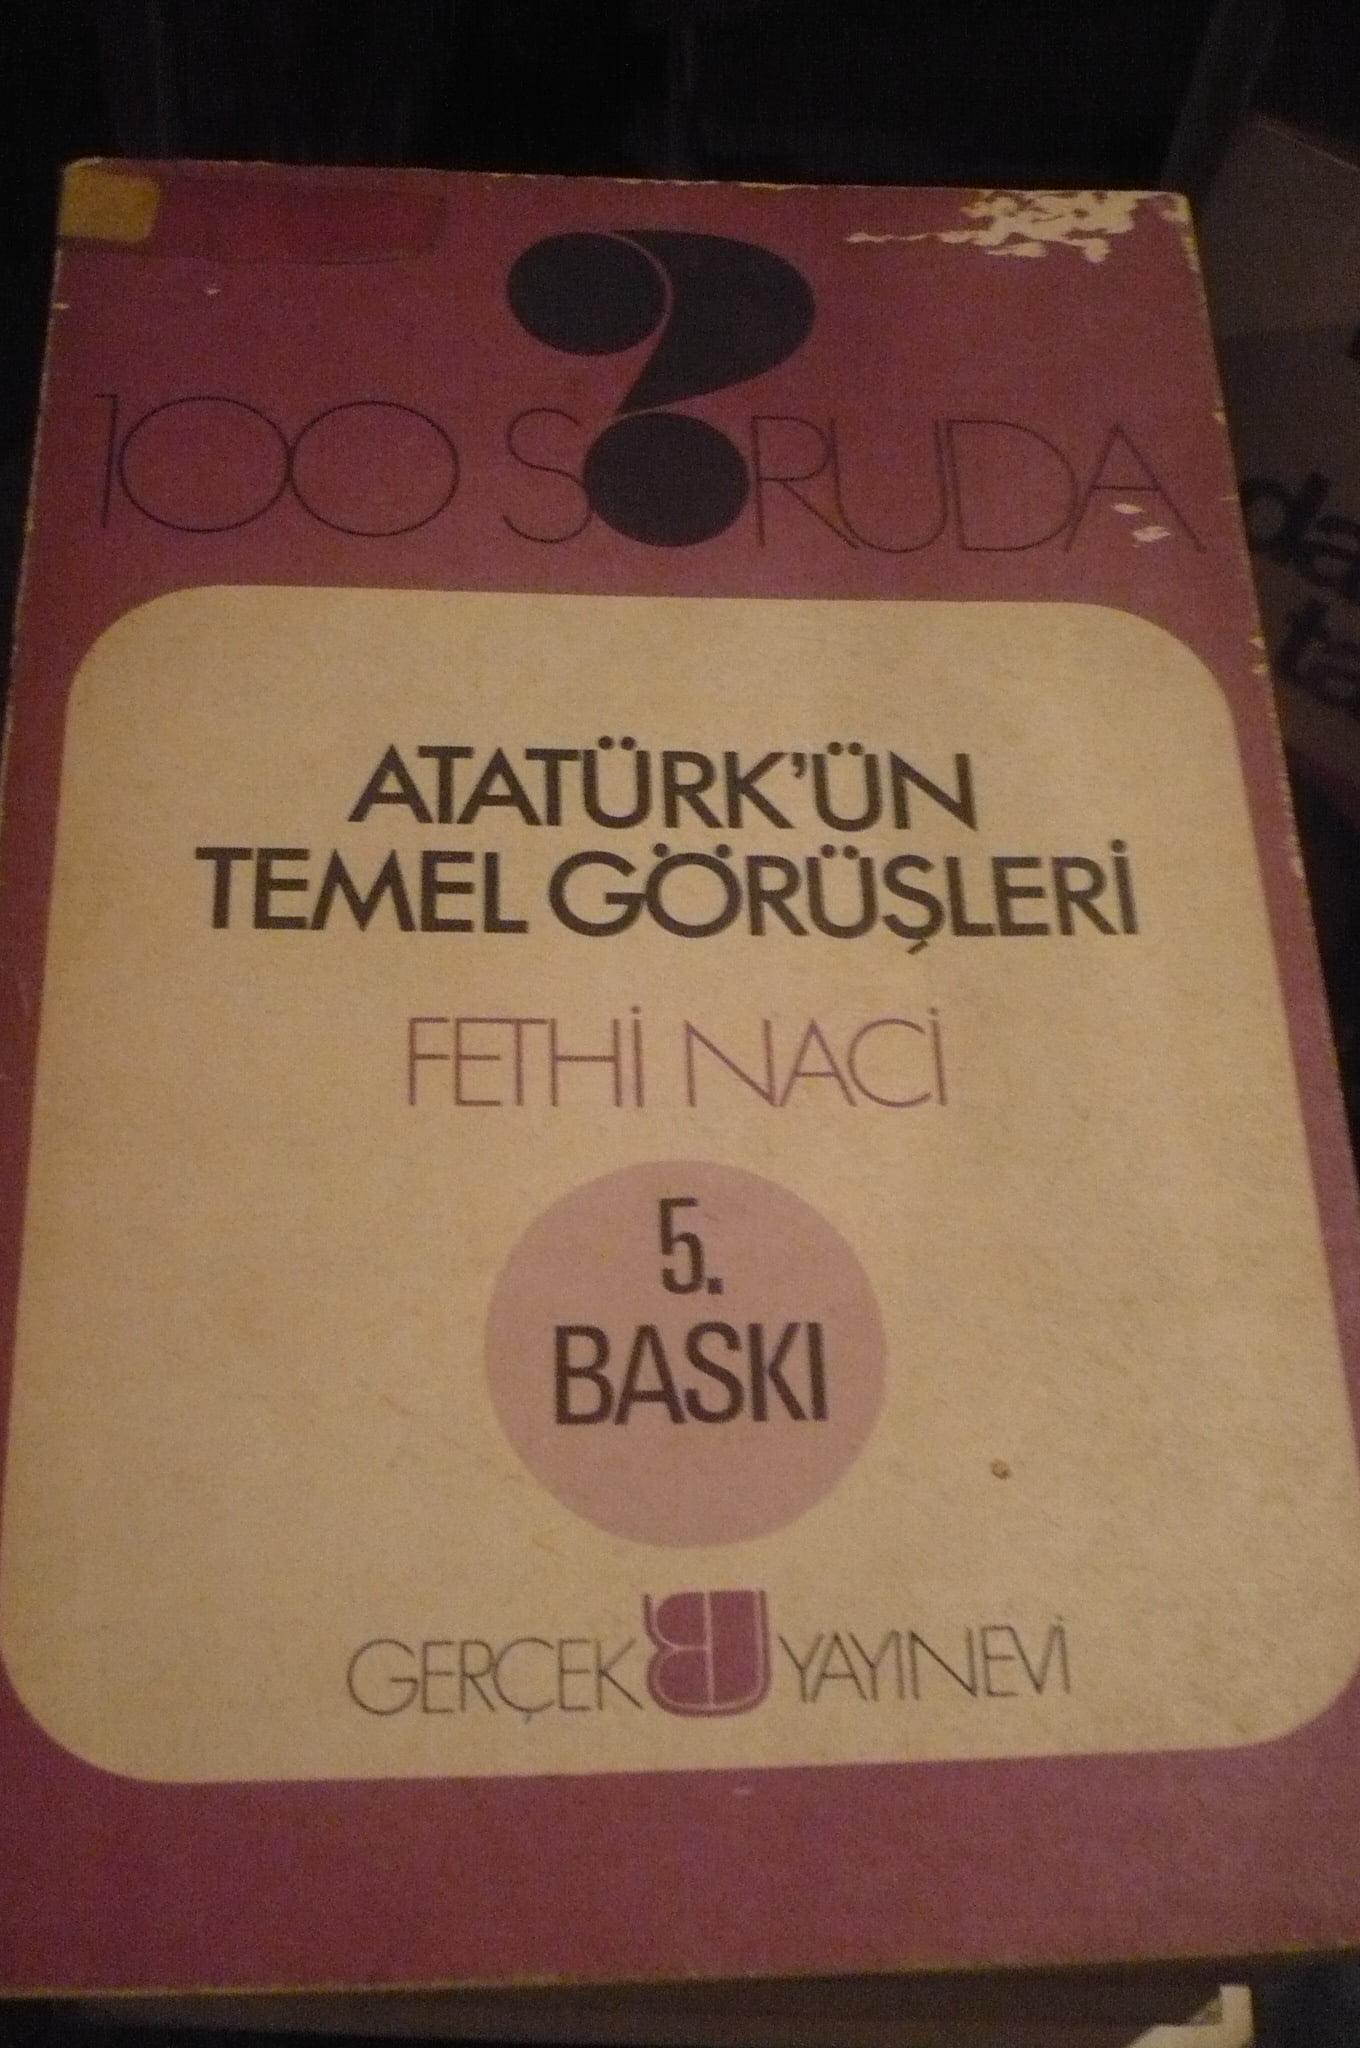 100 SORUDA ATATÜRK'ÜN TEMEL GÖRÜŞLERİ/Fethi NACİ/10 TL